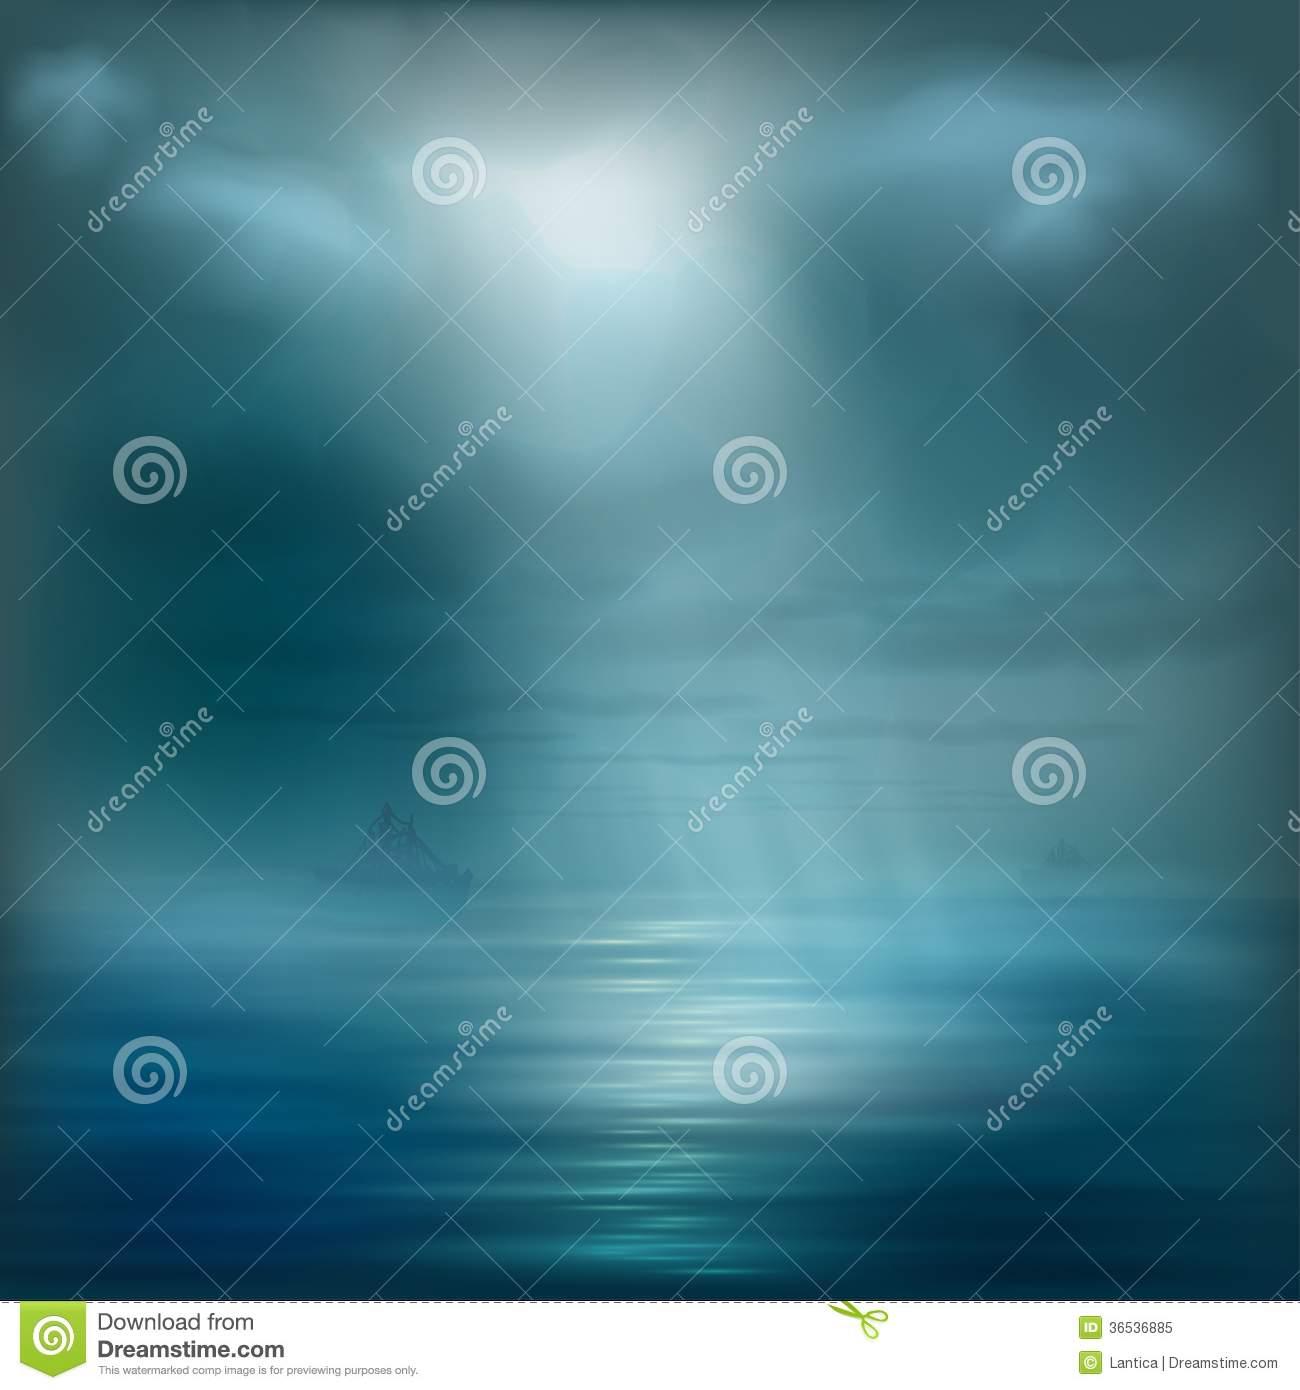 Ocean Water with Light